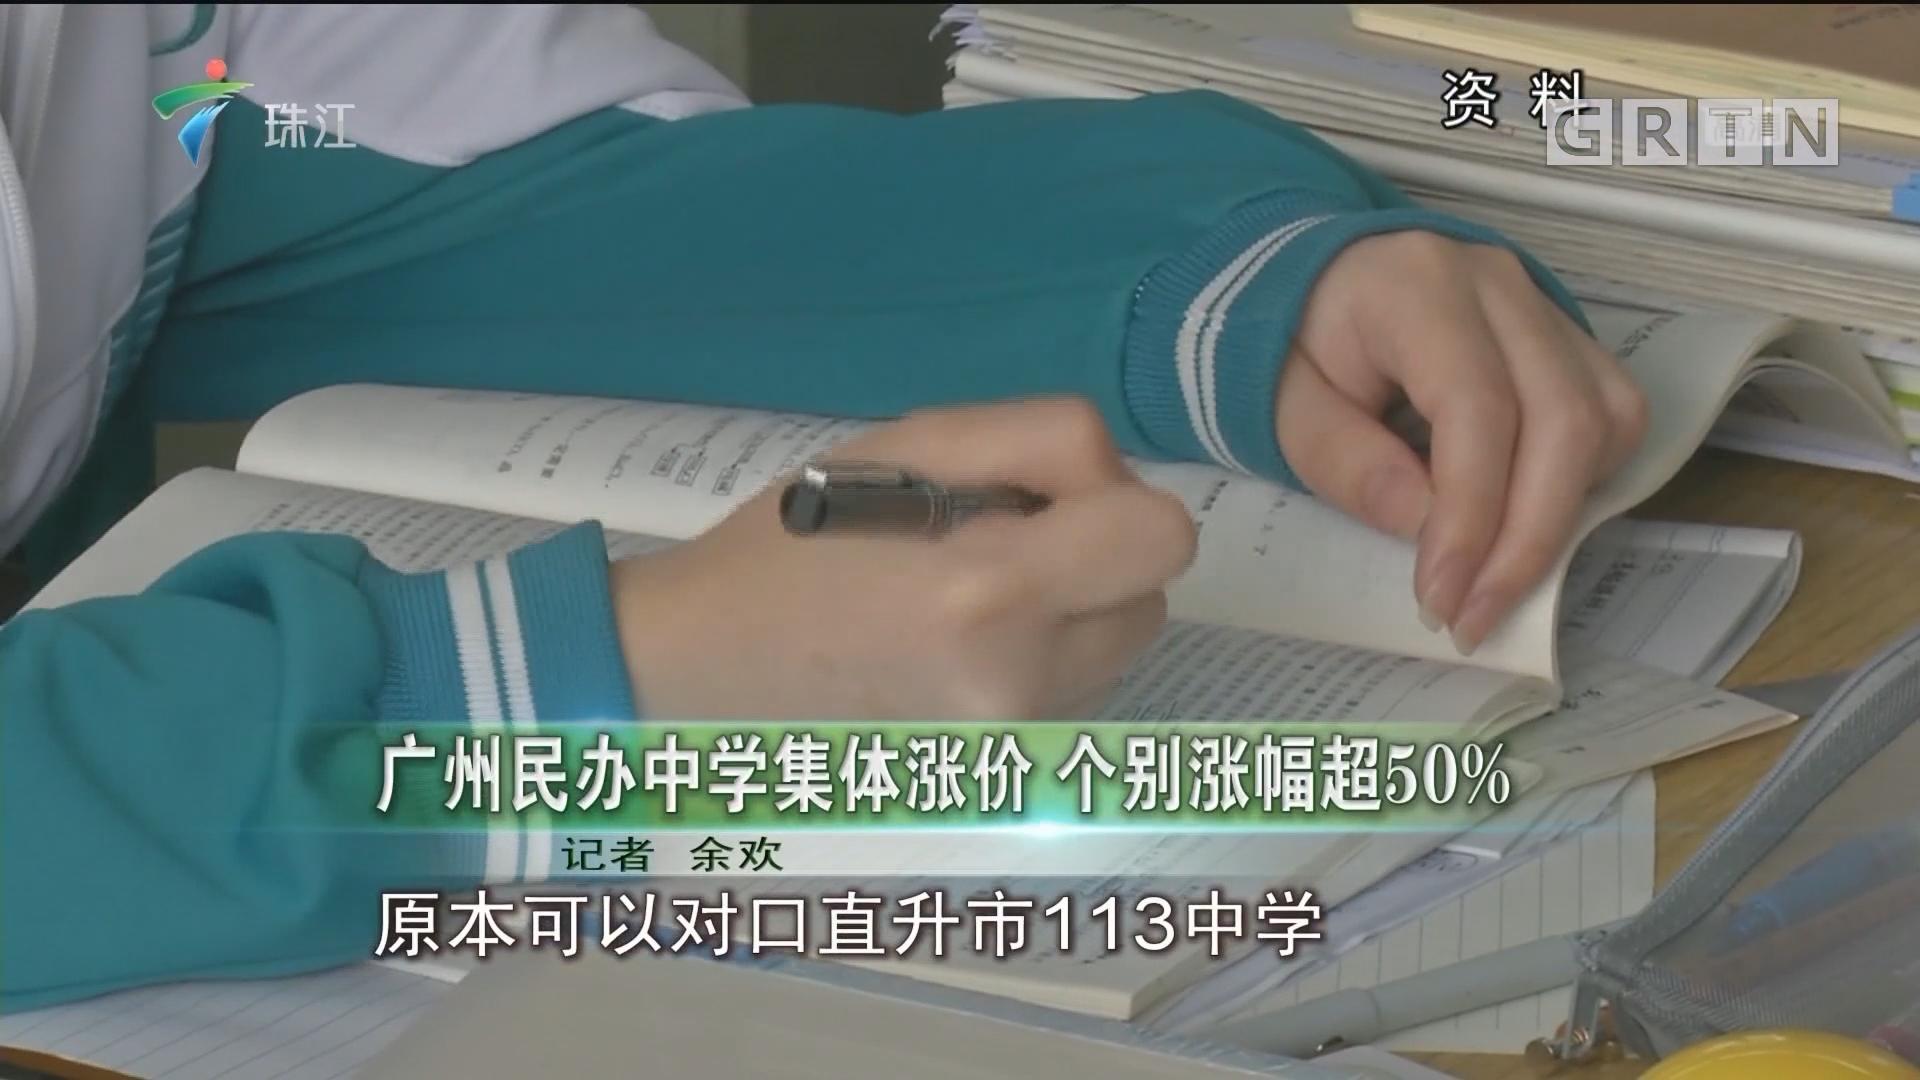 广州民办中学集体涨价 个别涨幅超50%